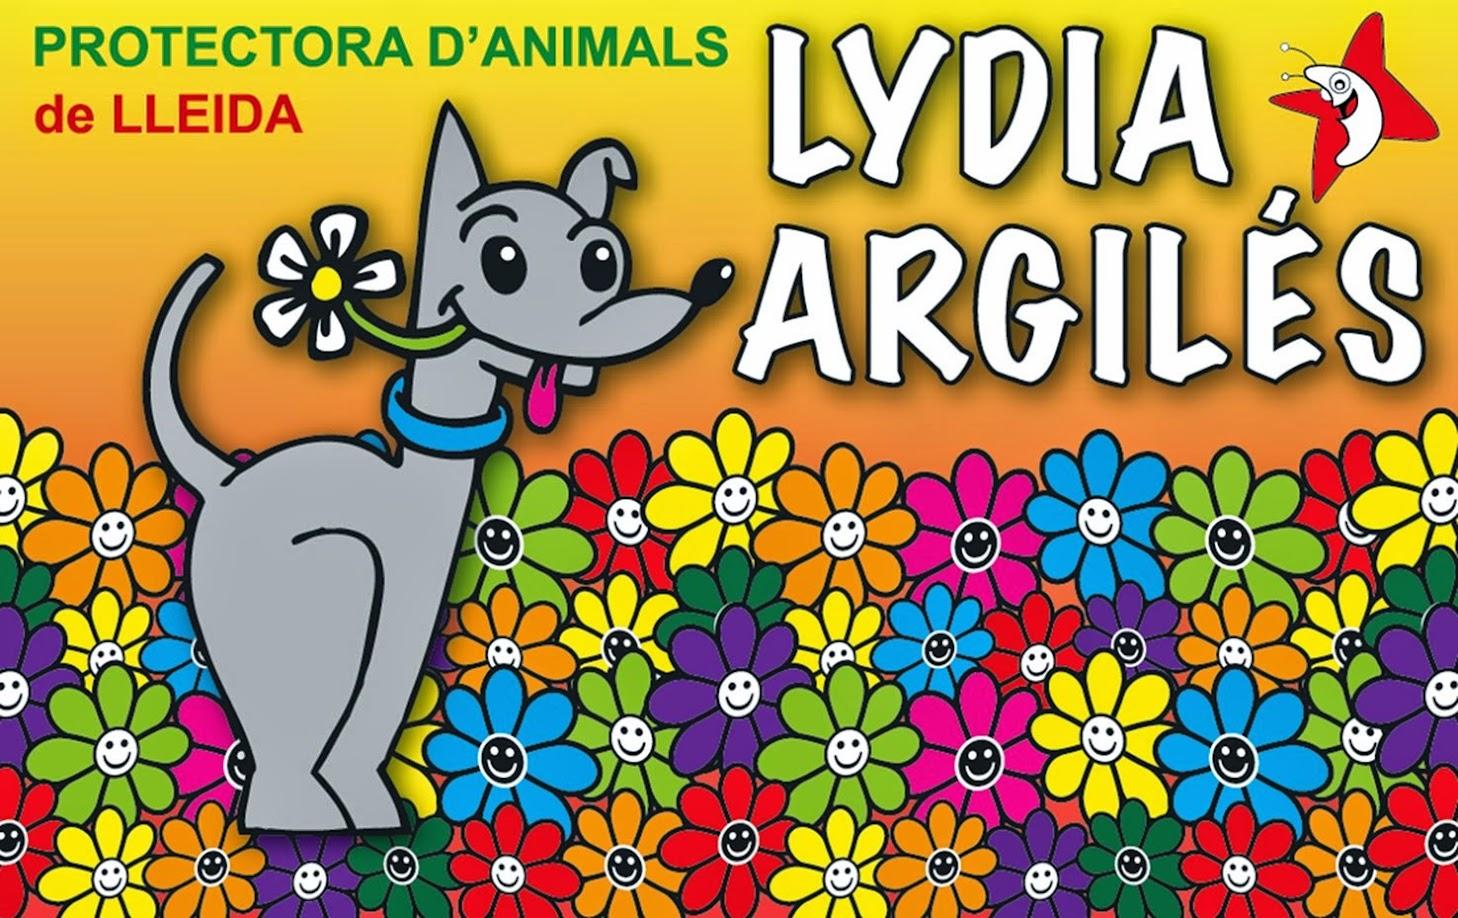 PROTECTORA D'ANIMALS LYDIA ARGILÉS